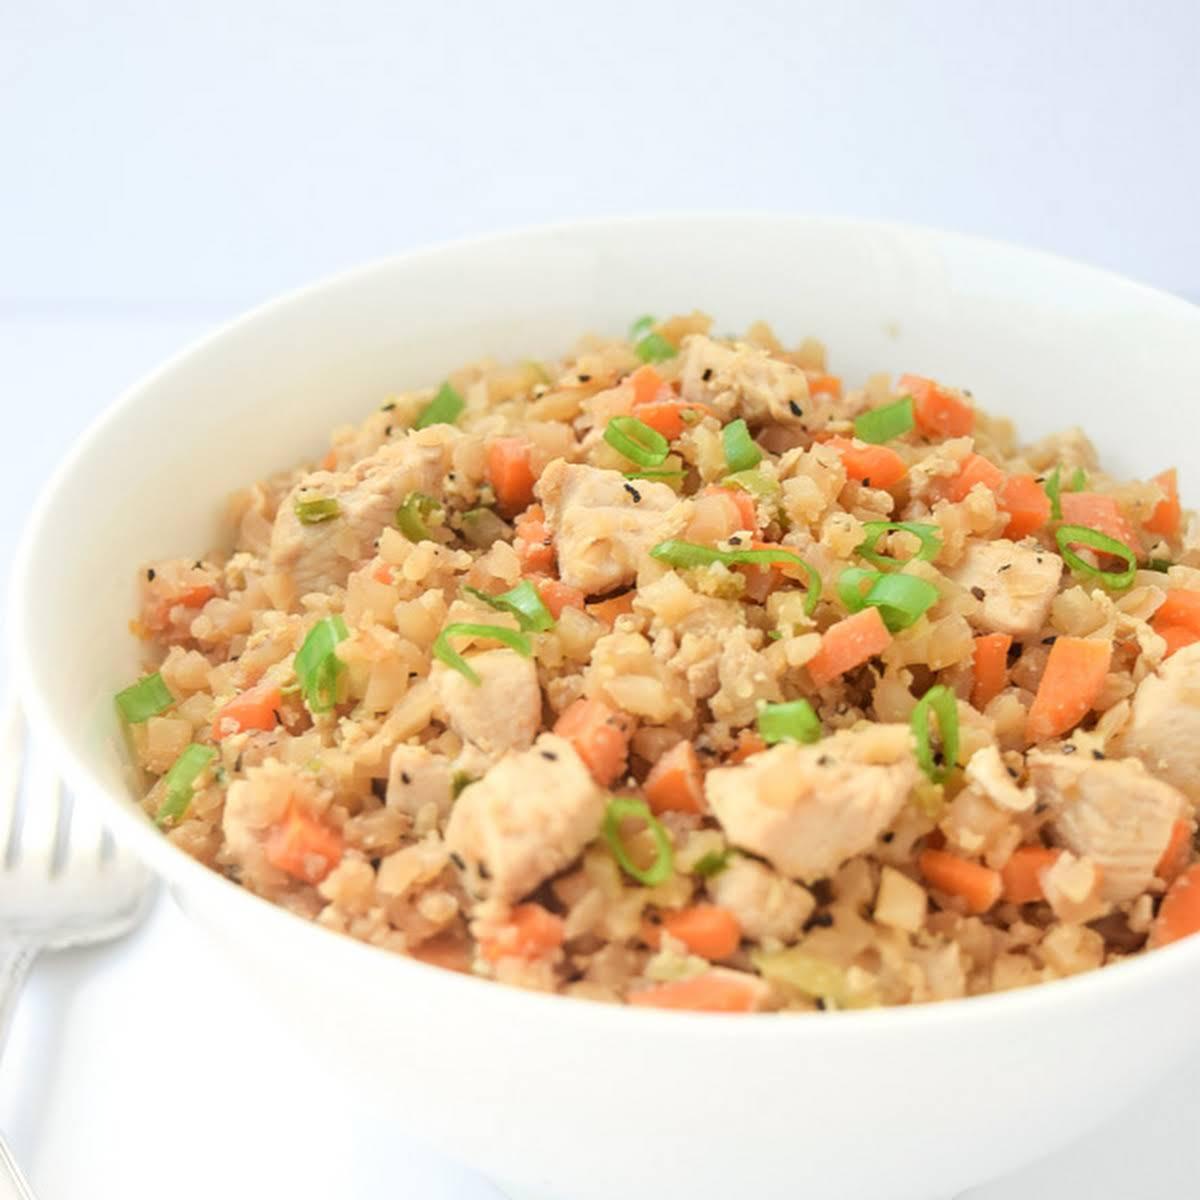 Whole30 Cauliflower Chicken Fried Rice (Gluten Free Paleo Keto)